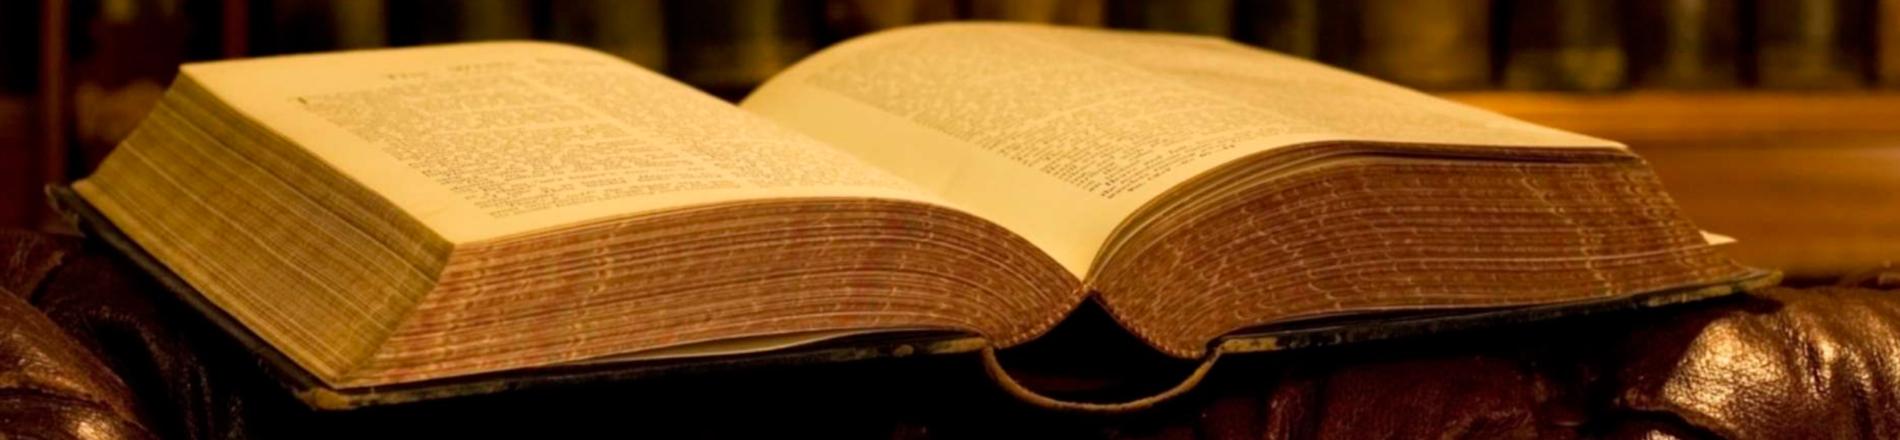 libro3-alvarofossi